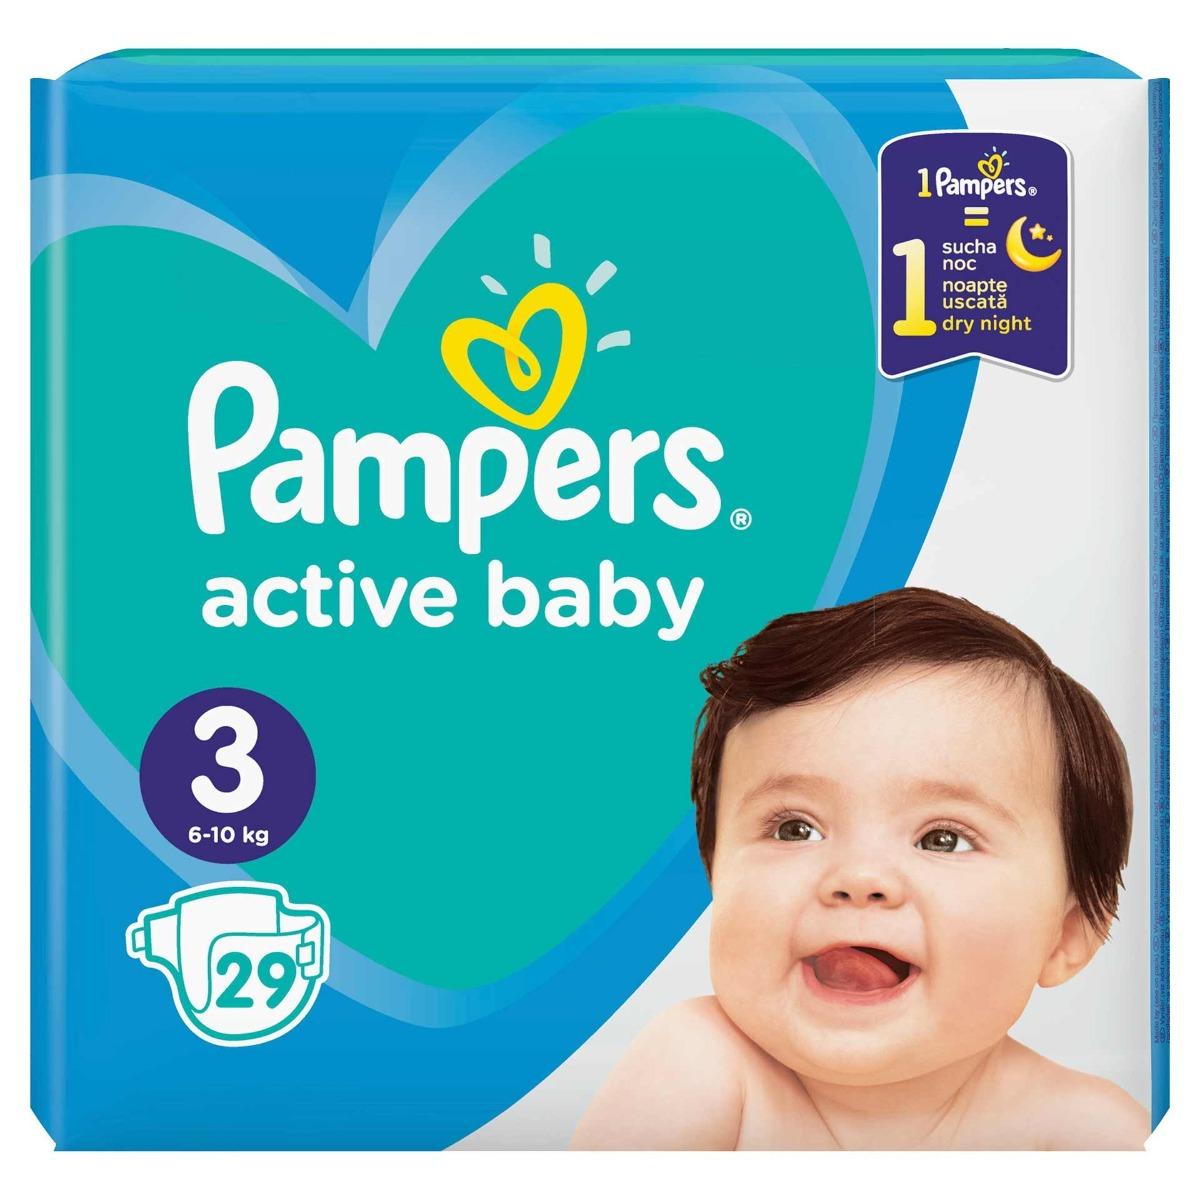 Scutece Active Baby marimea 3 pentru 6-11kg, 29 bucati, Pampers